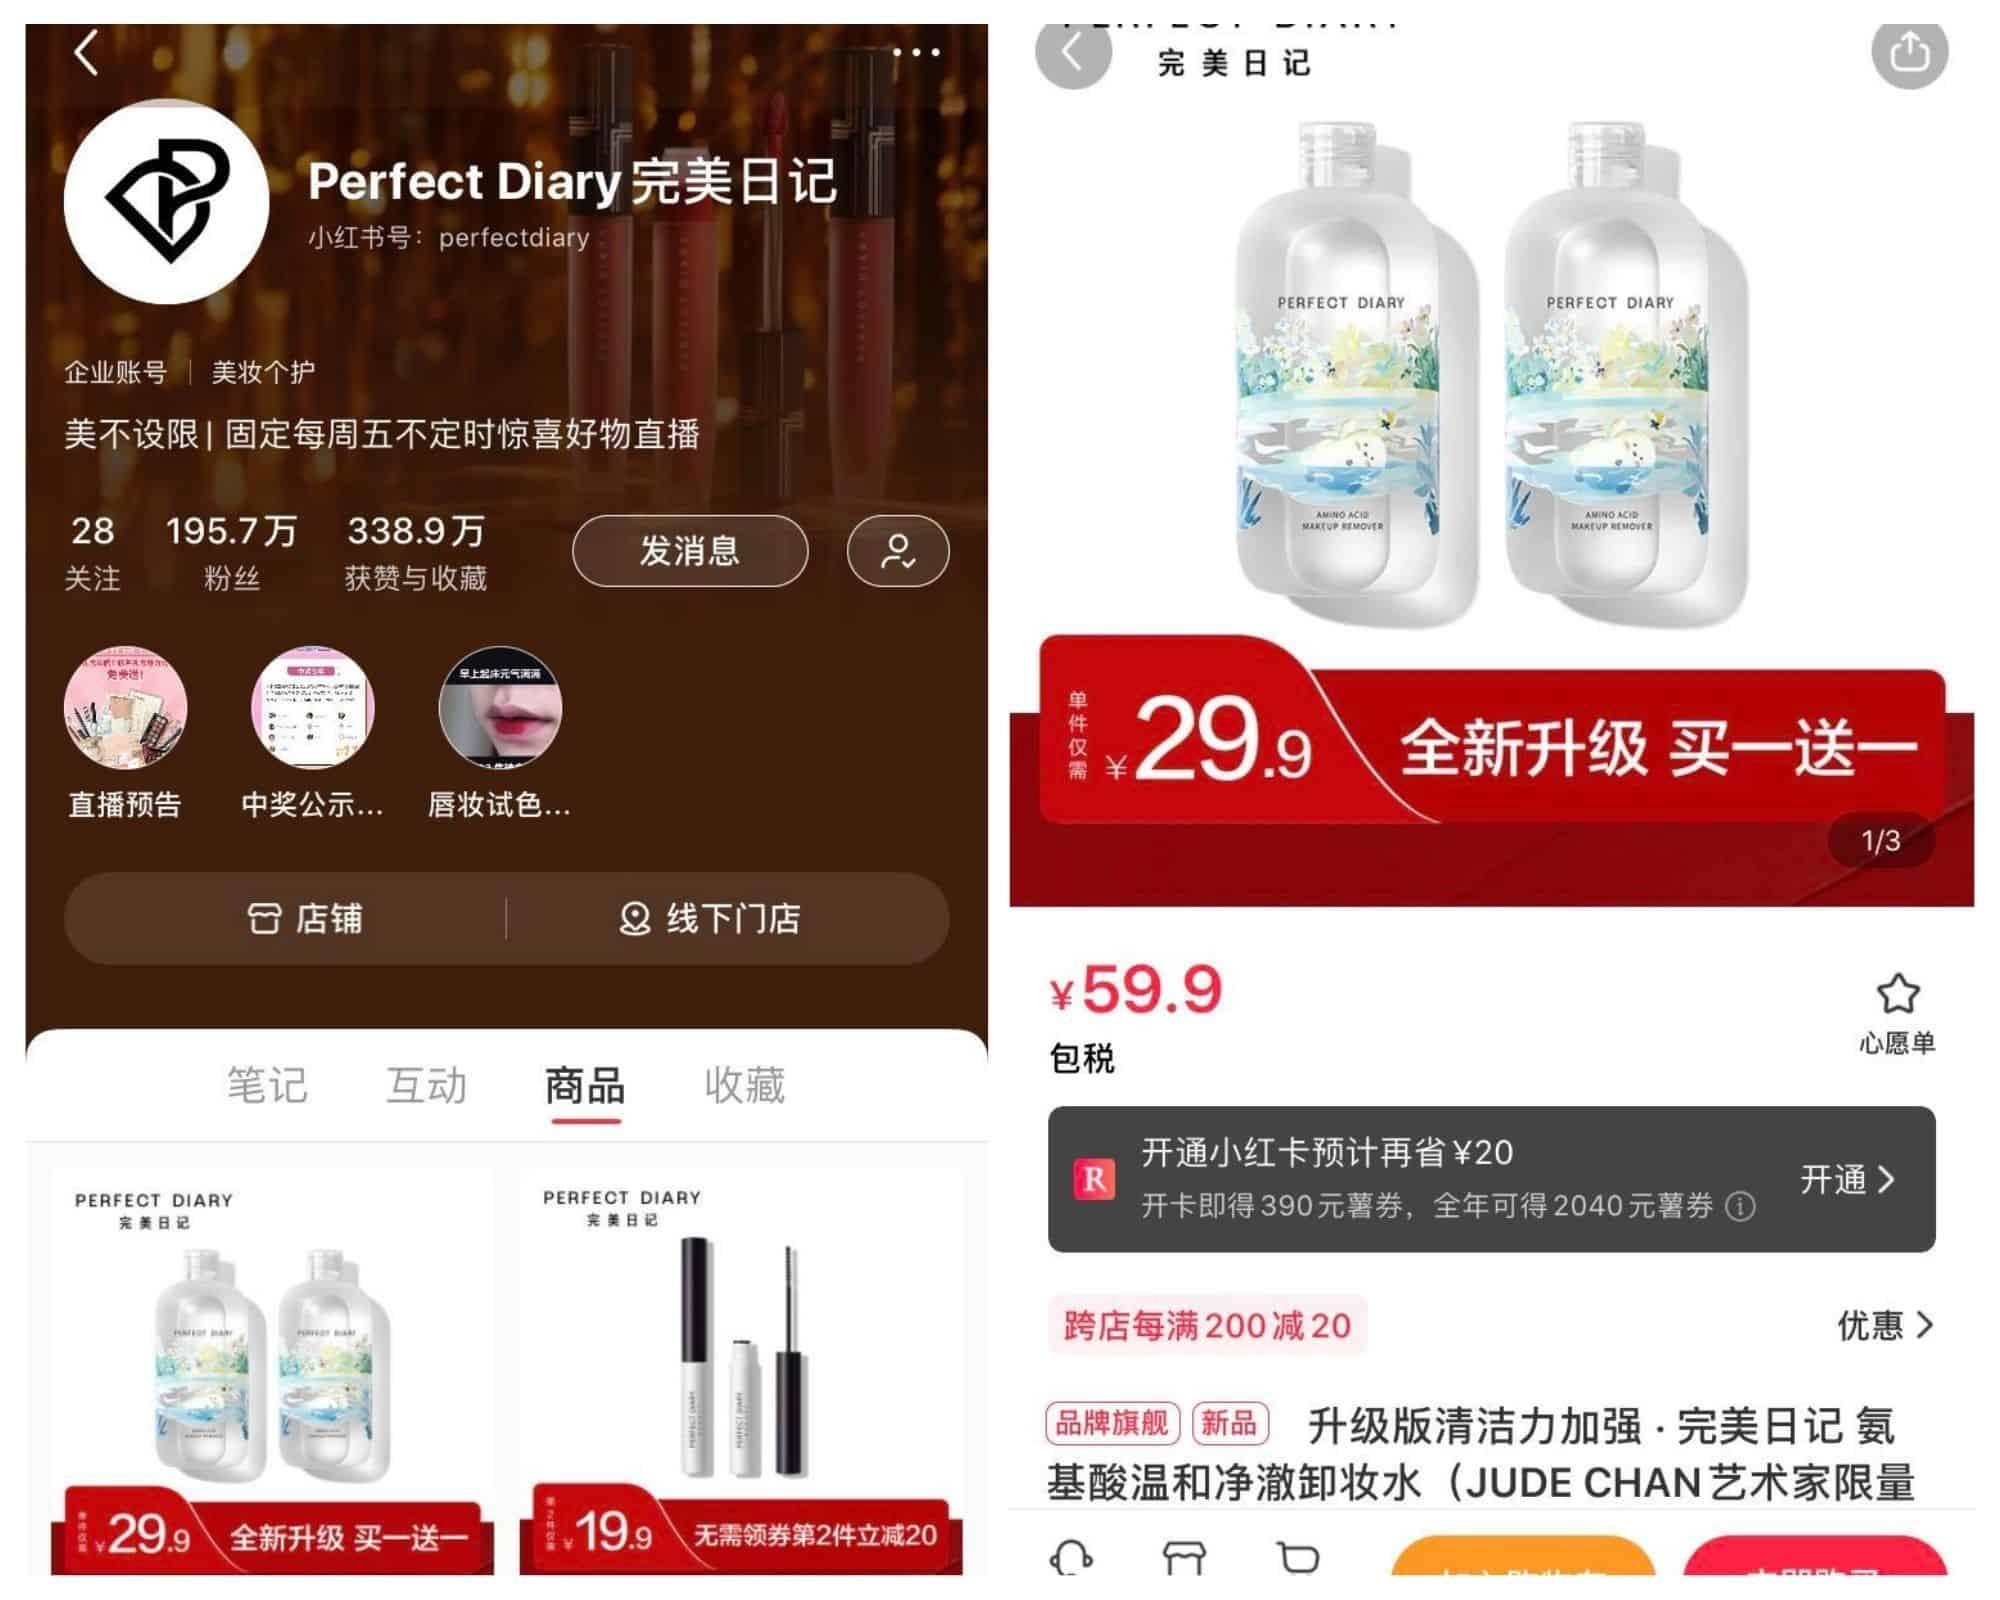 China Social Media - Xiaohongshu Red Store